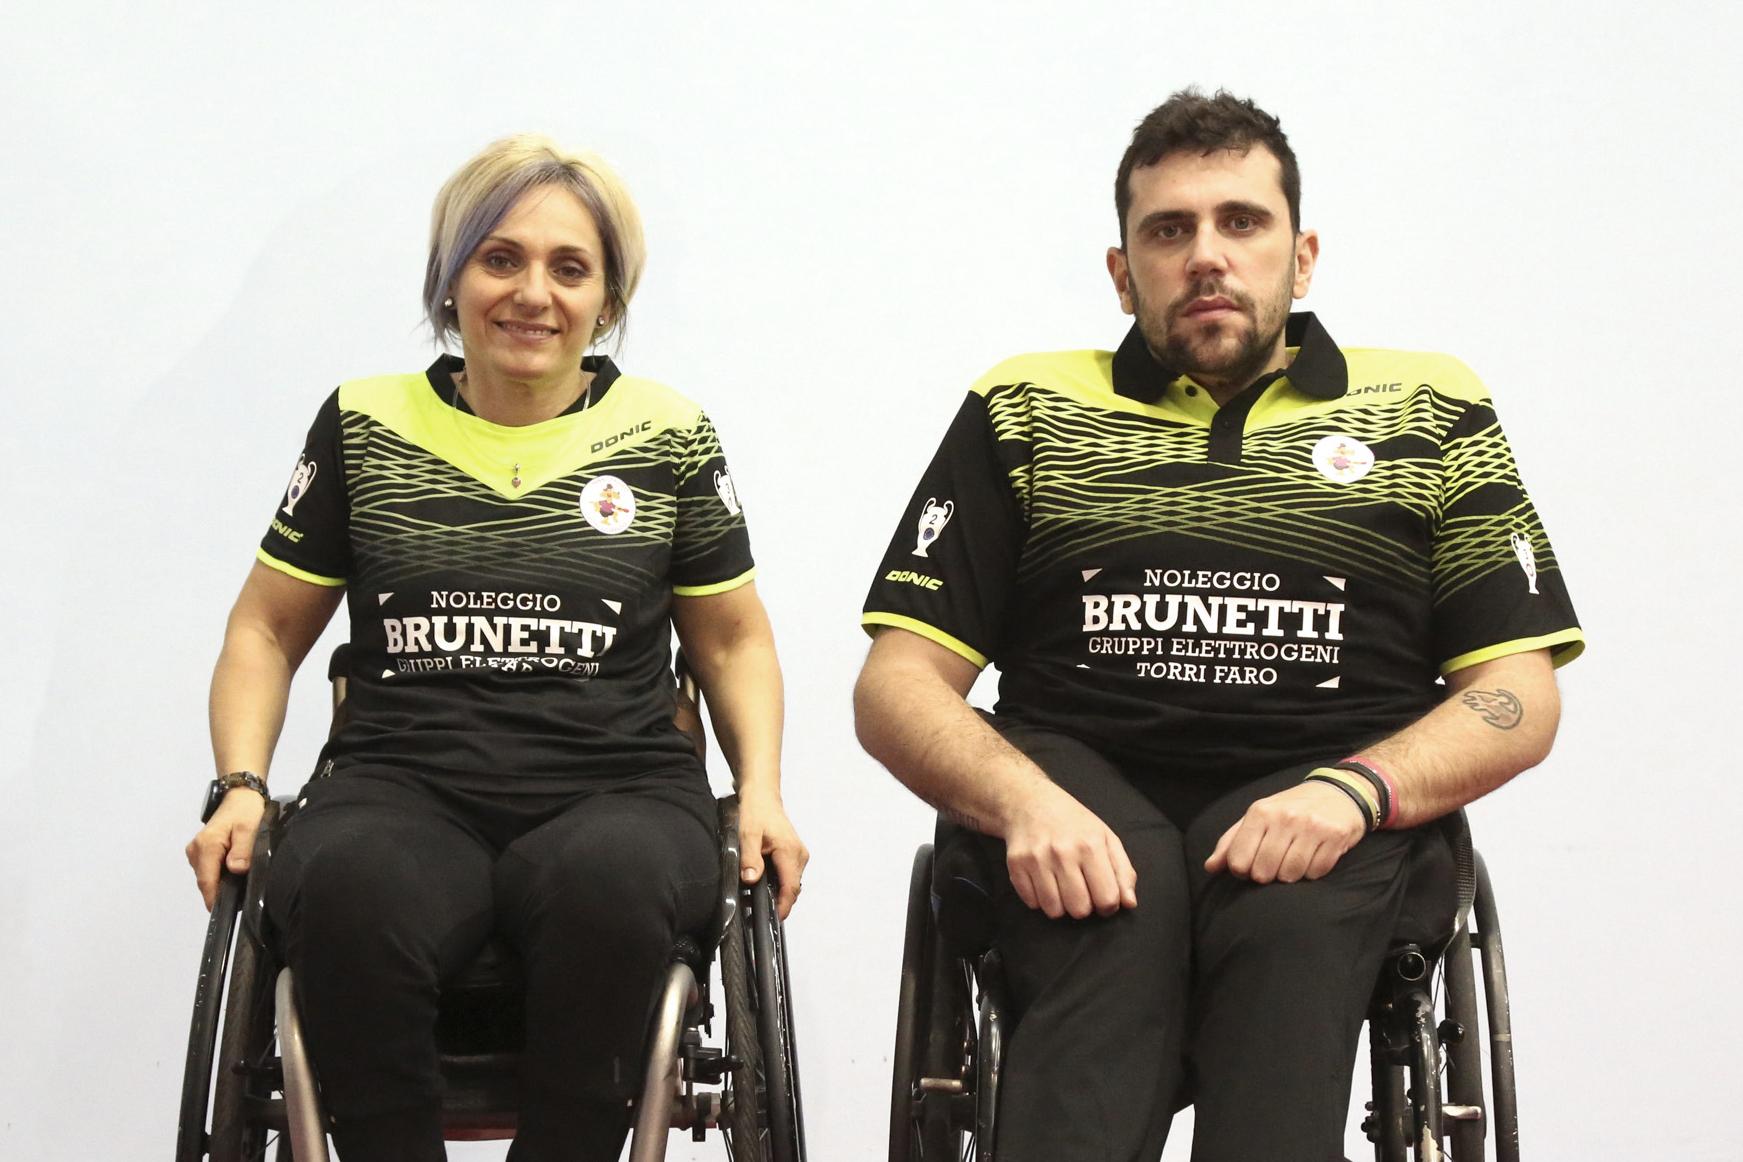 A Paralympics